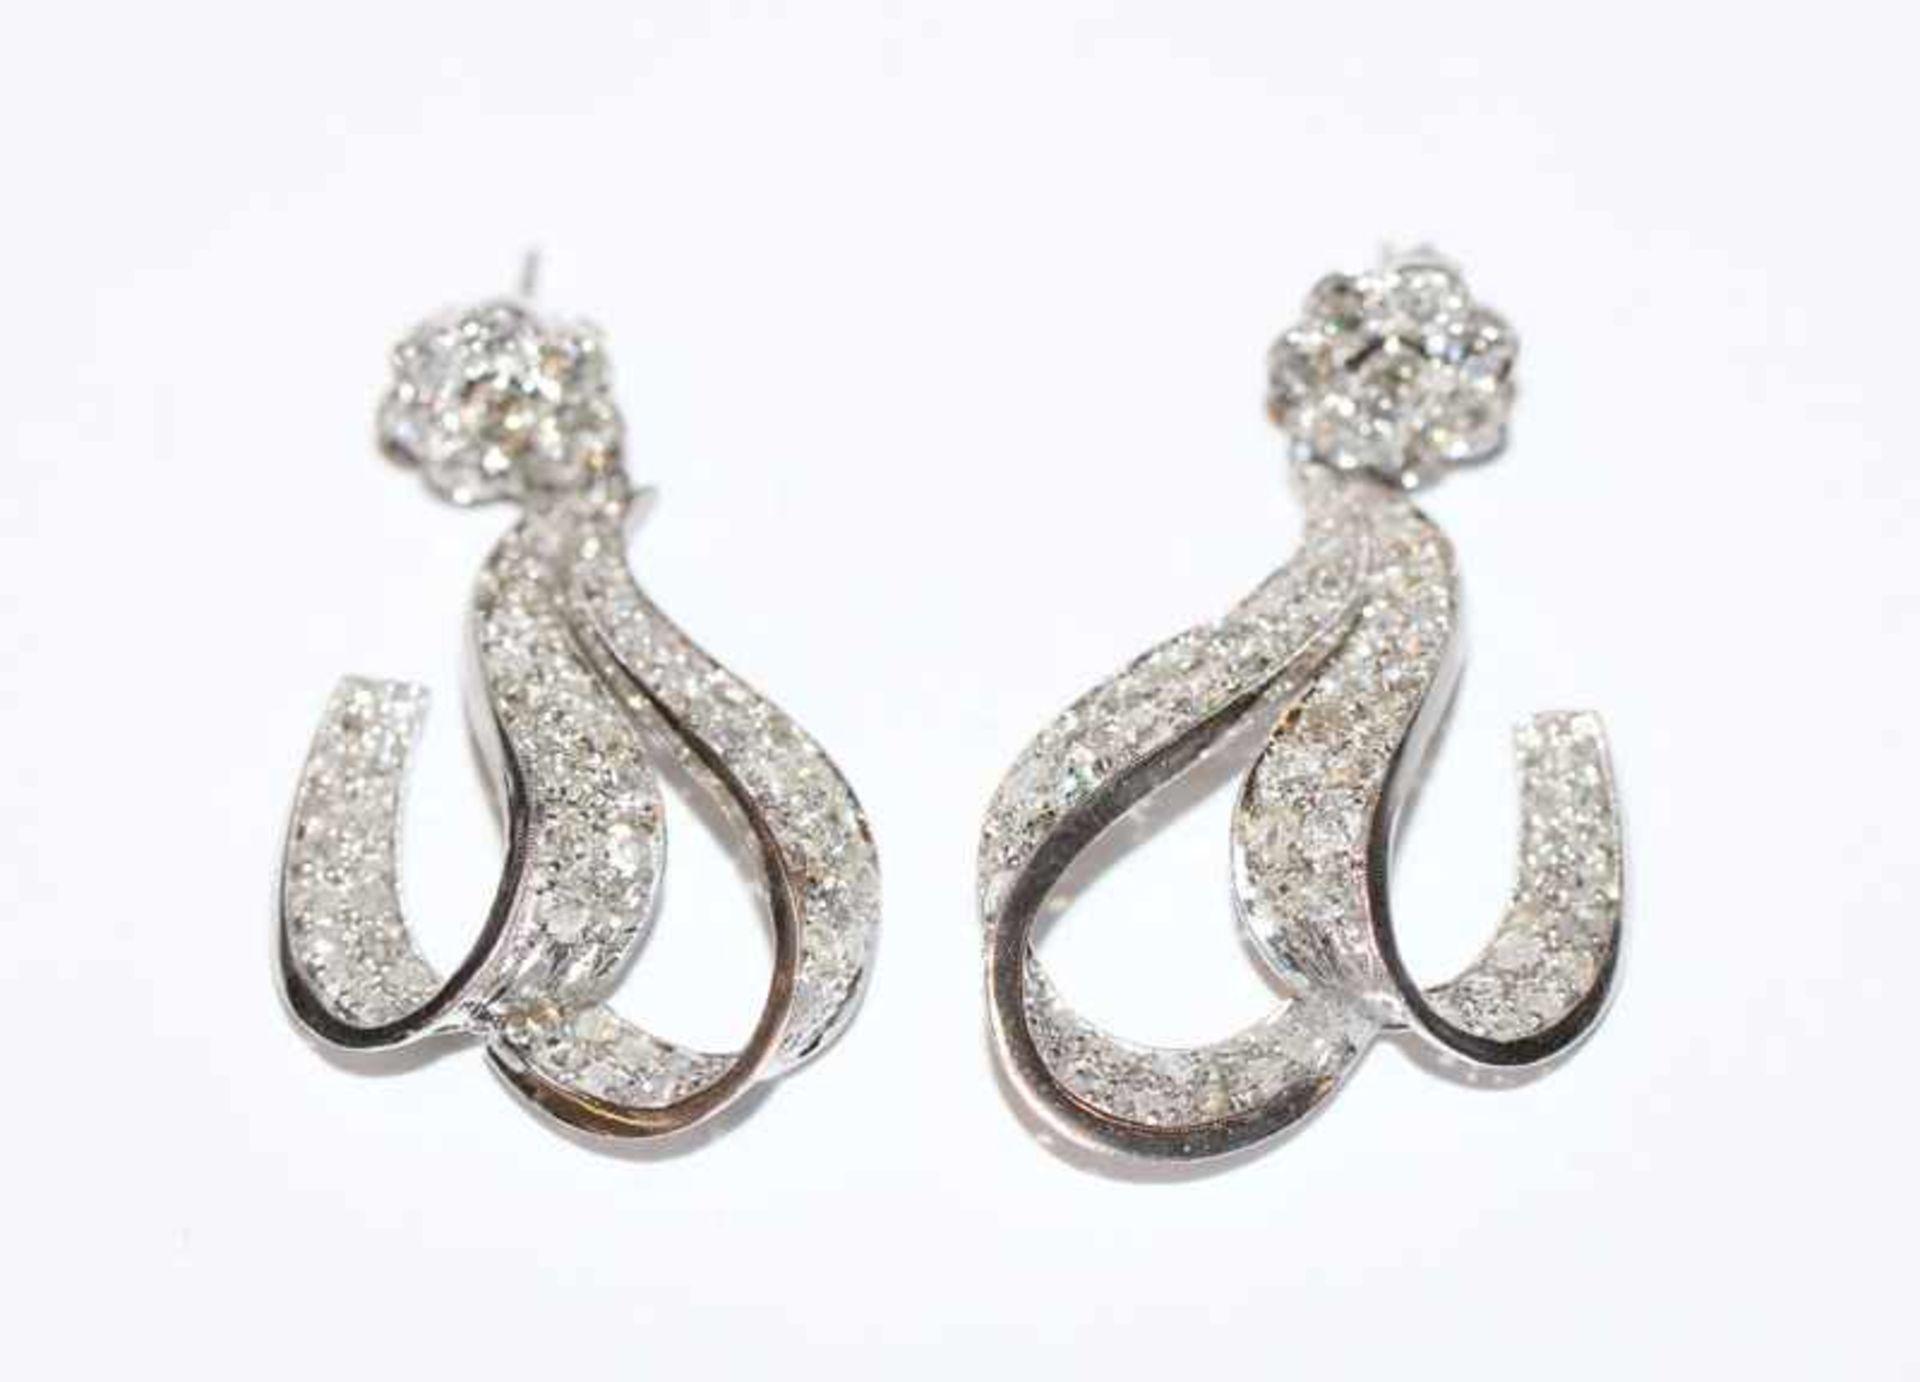 Los 93 - Paar Platin Ohrstecker mit ca. 7 ct. Diamanten, L 4,5 cm, sehr schöne Handarbeit